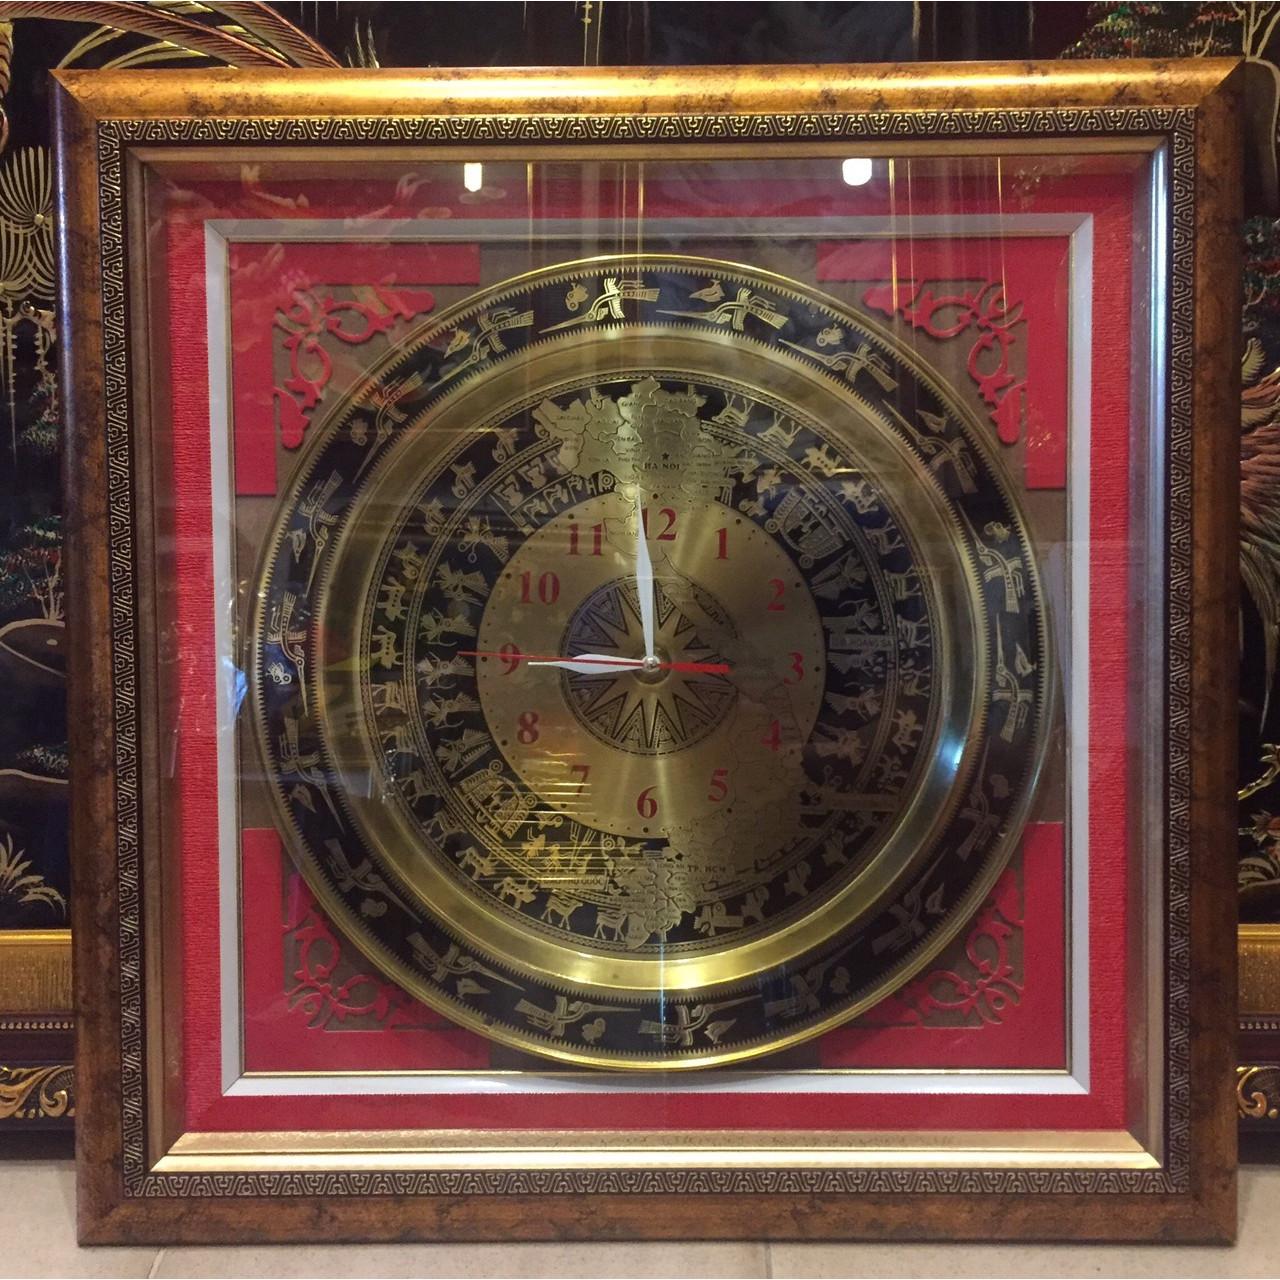 Đồng hồ treo tường bản đồ Việt Nam - A152